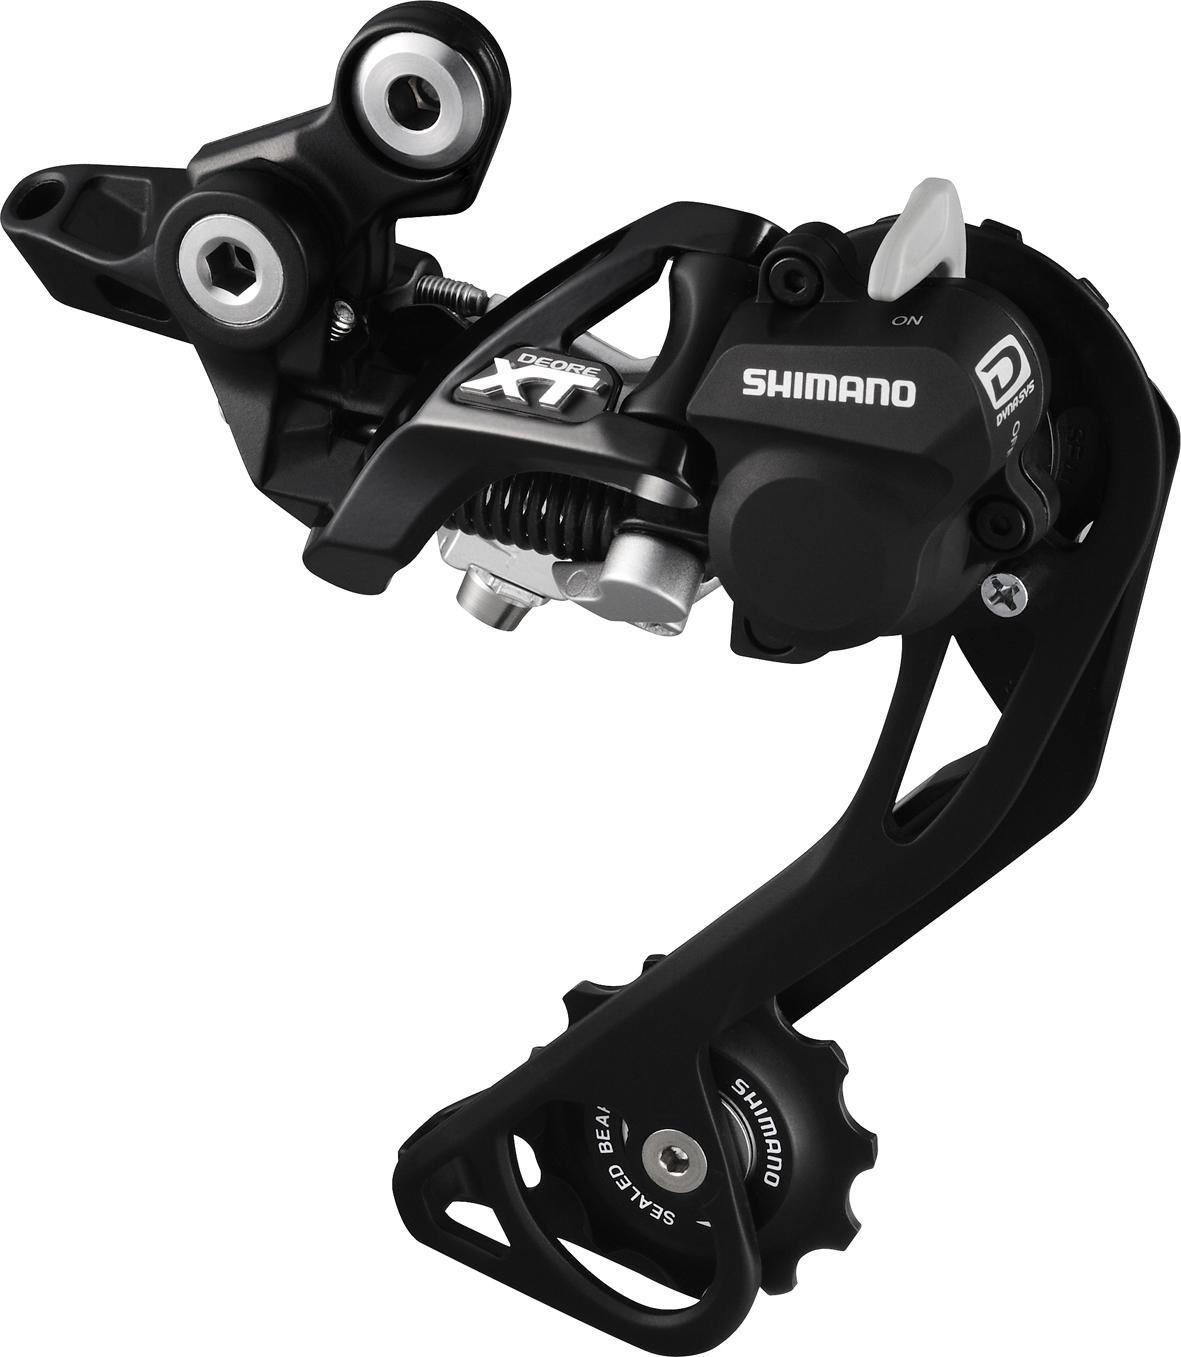 SHIMANO Deore XT M-786